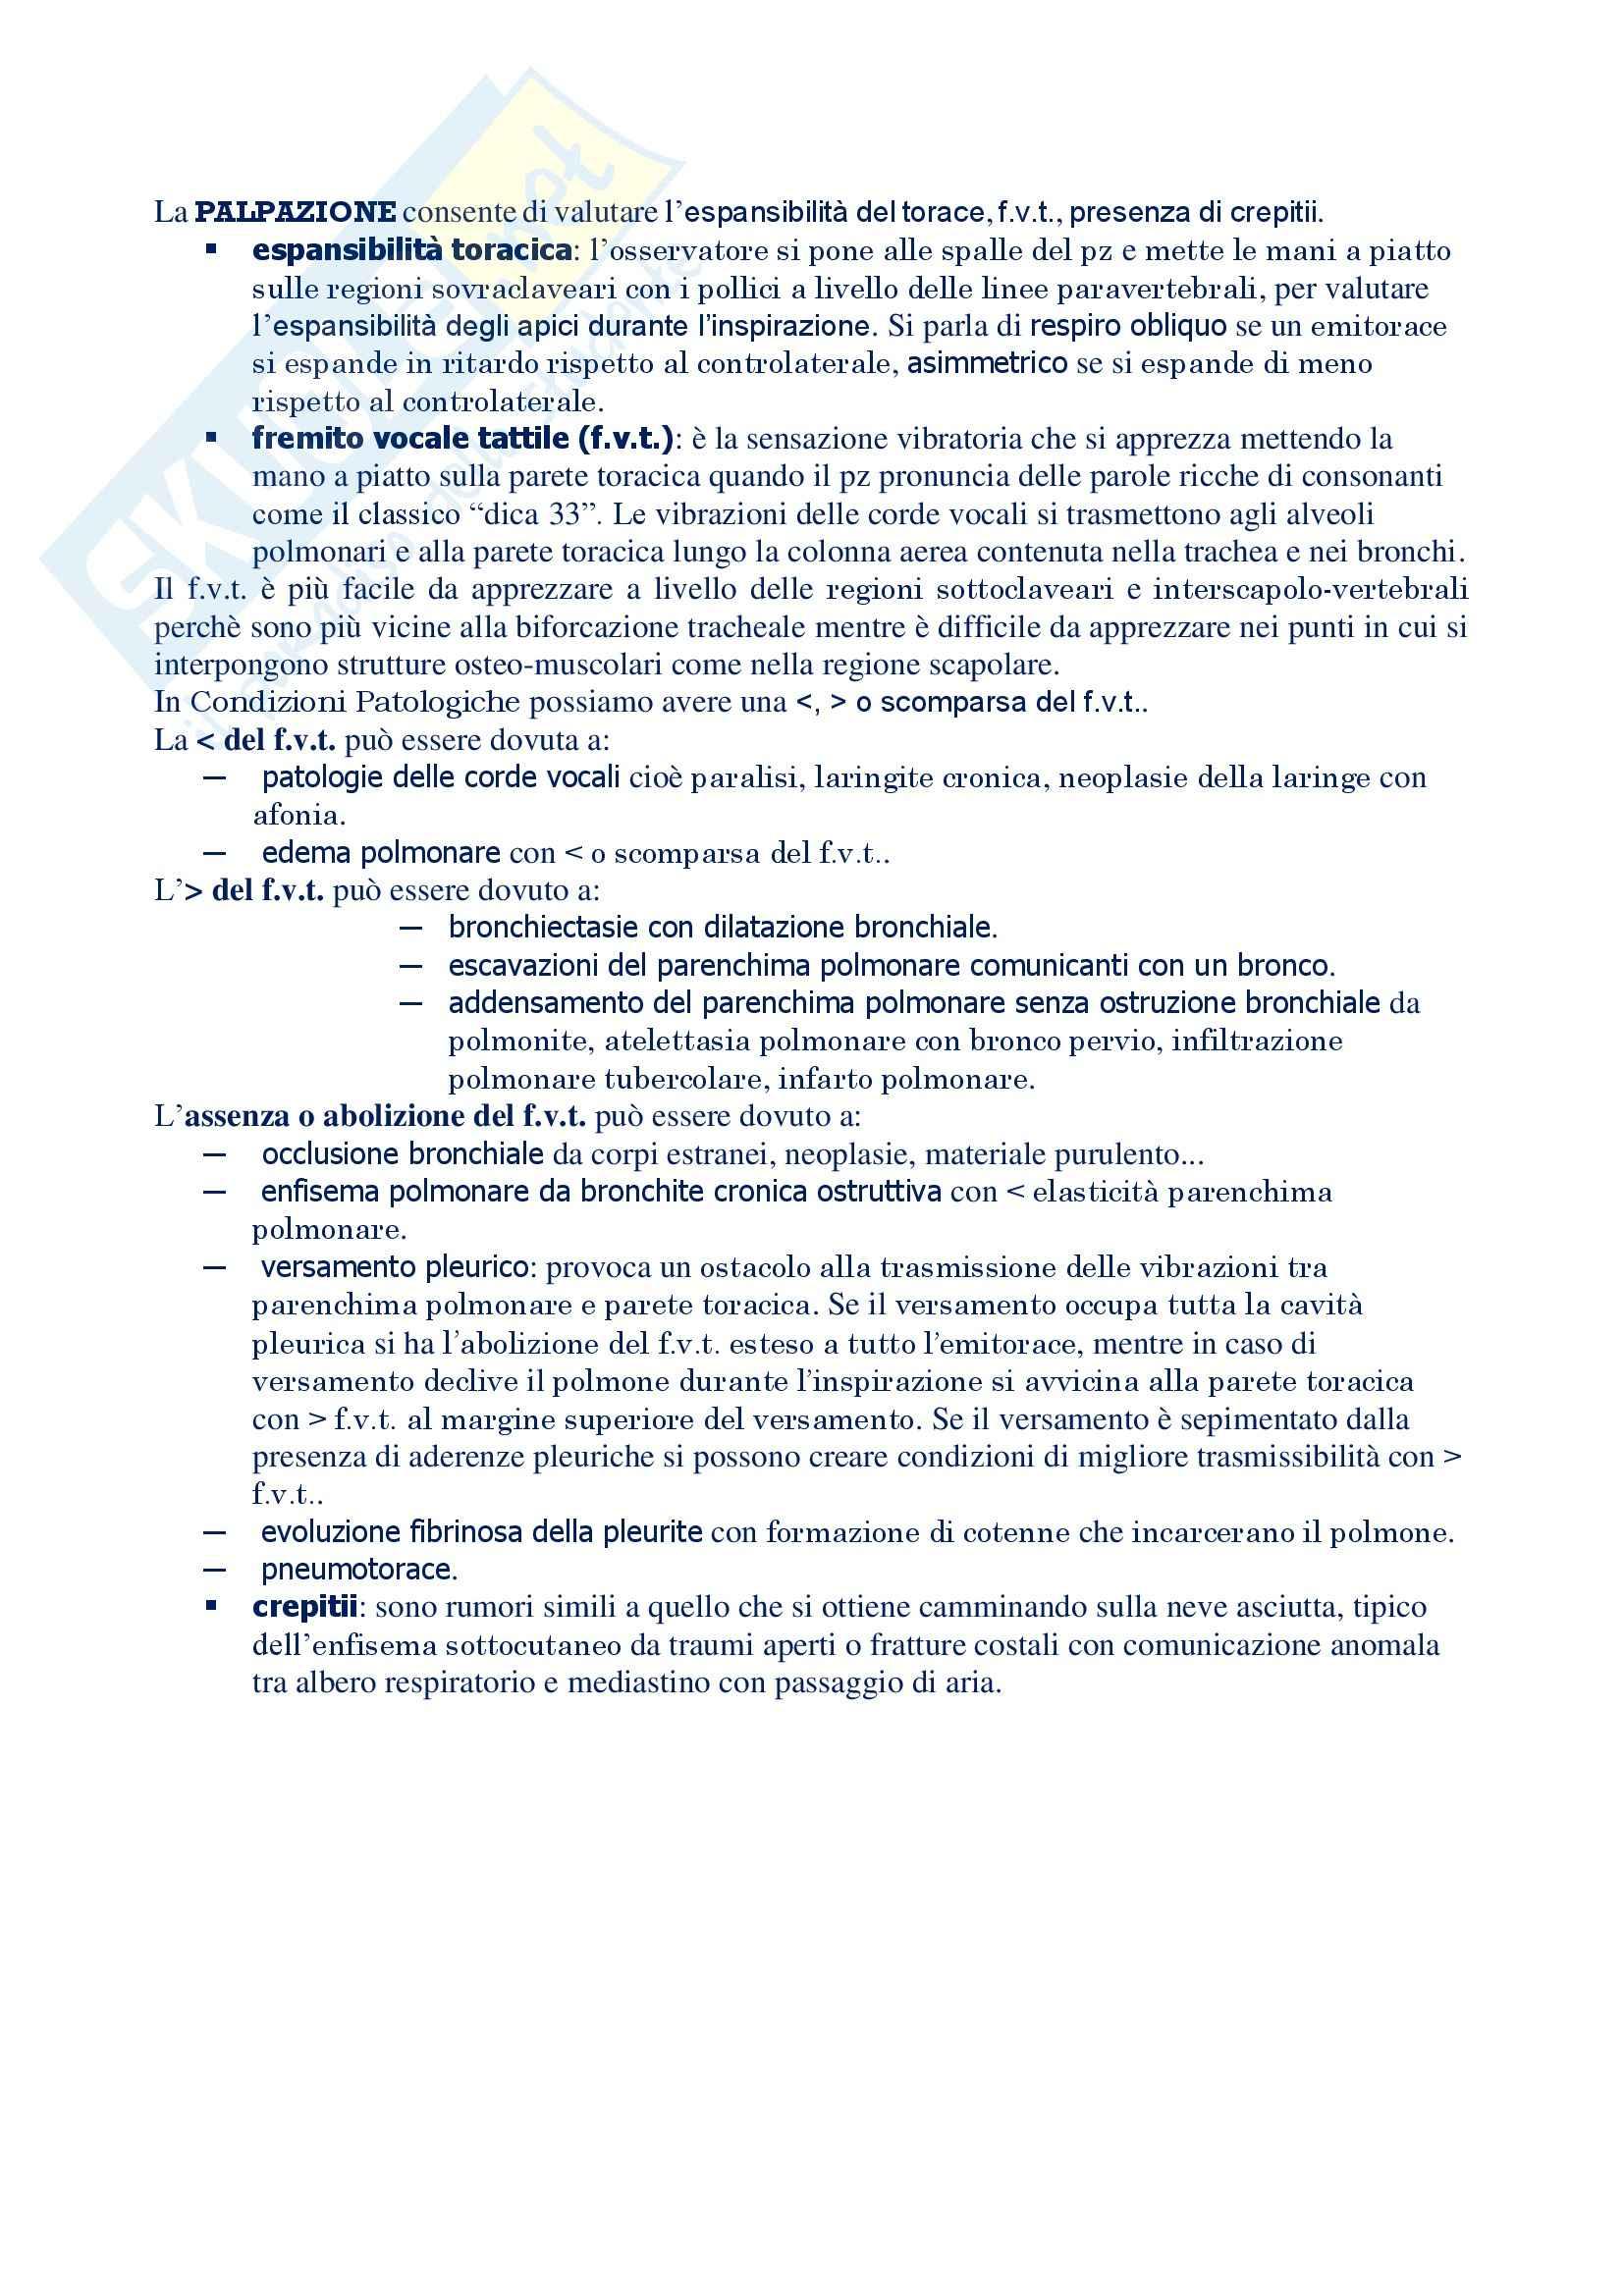 Malattie dell'apparato respiratorio - esame obiettivo torace Pag. 2